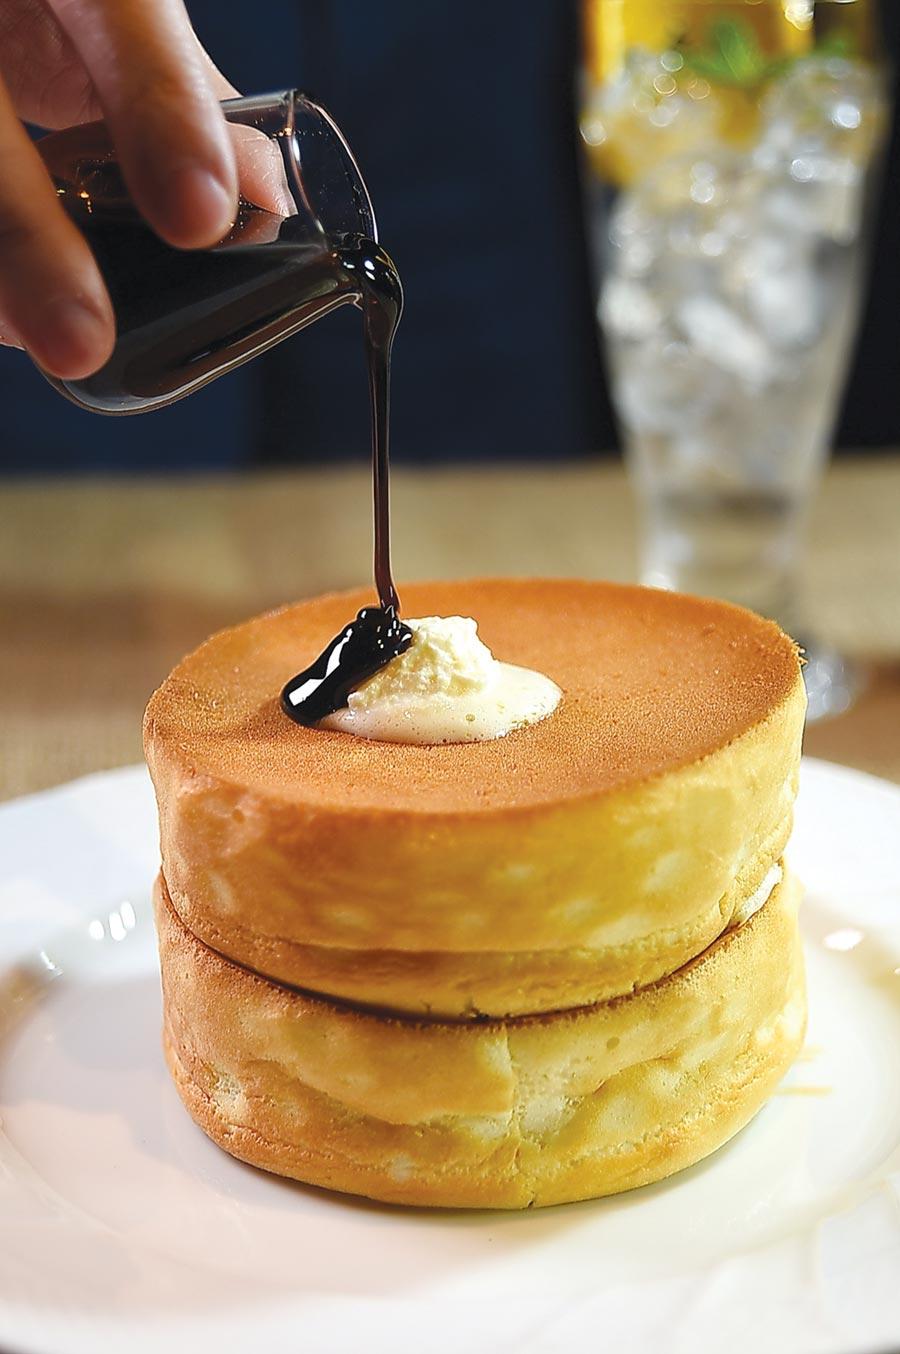 〈窯烤舒芙蕾熱蛋糕〉,高6公分、直徑約12公分,質地鬆軟輕柔,並有黑糖、楓榶與蜂蜜等三種口味選擇。圖/姚舜